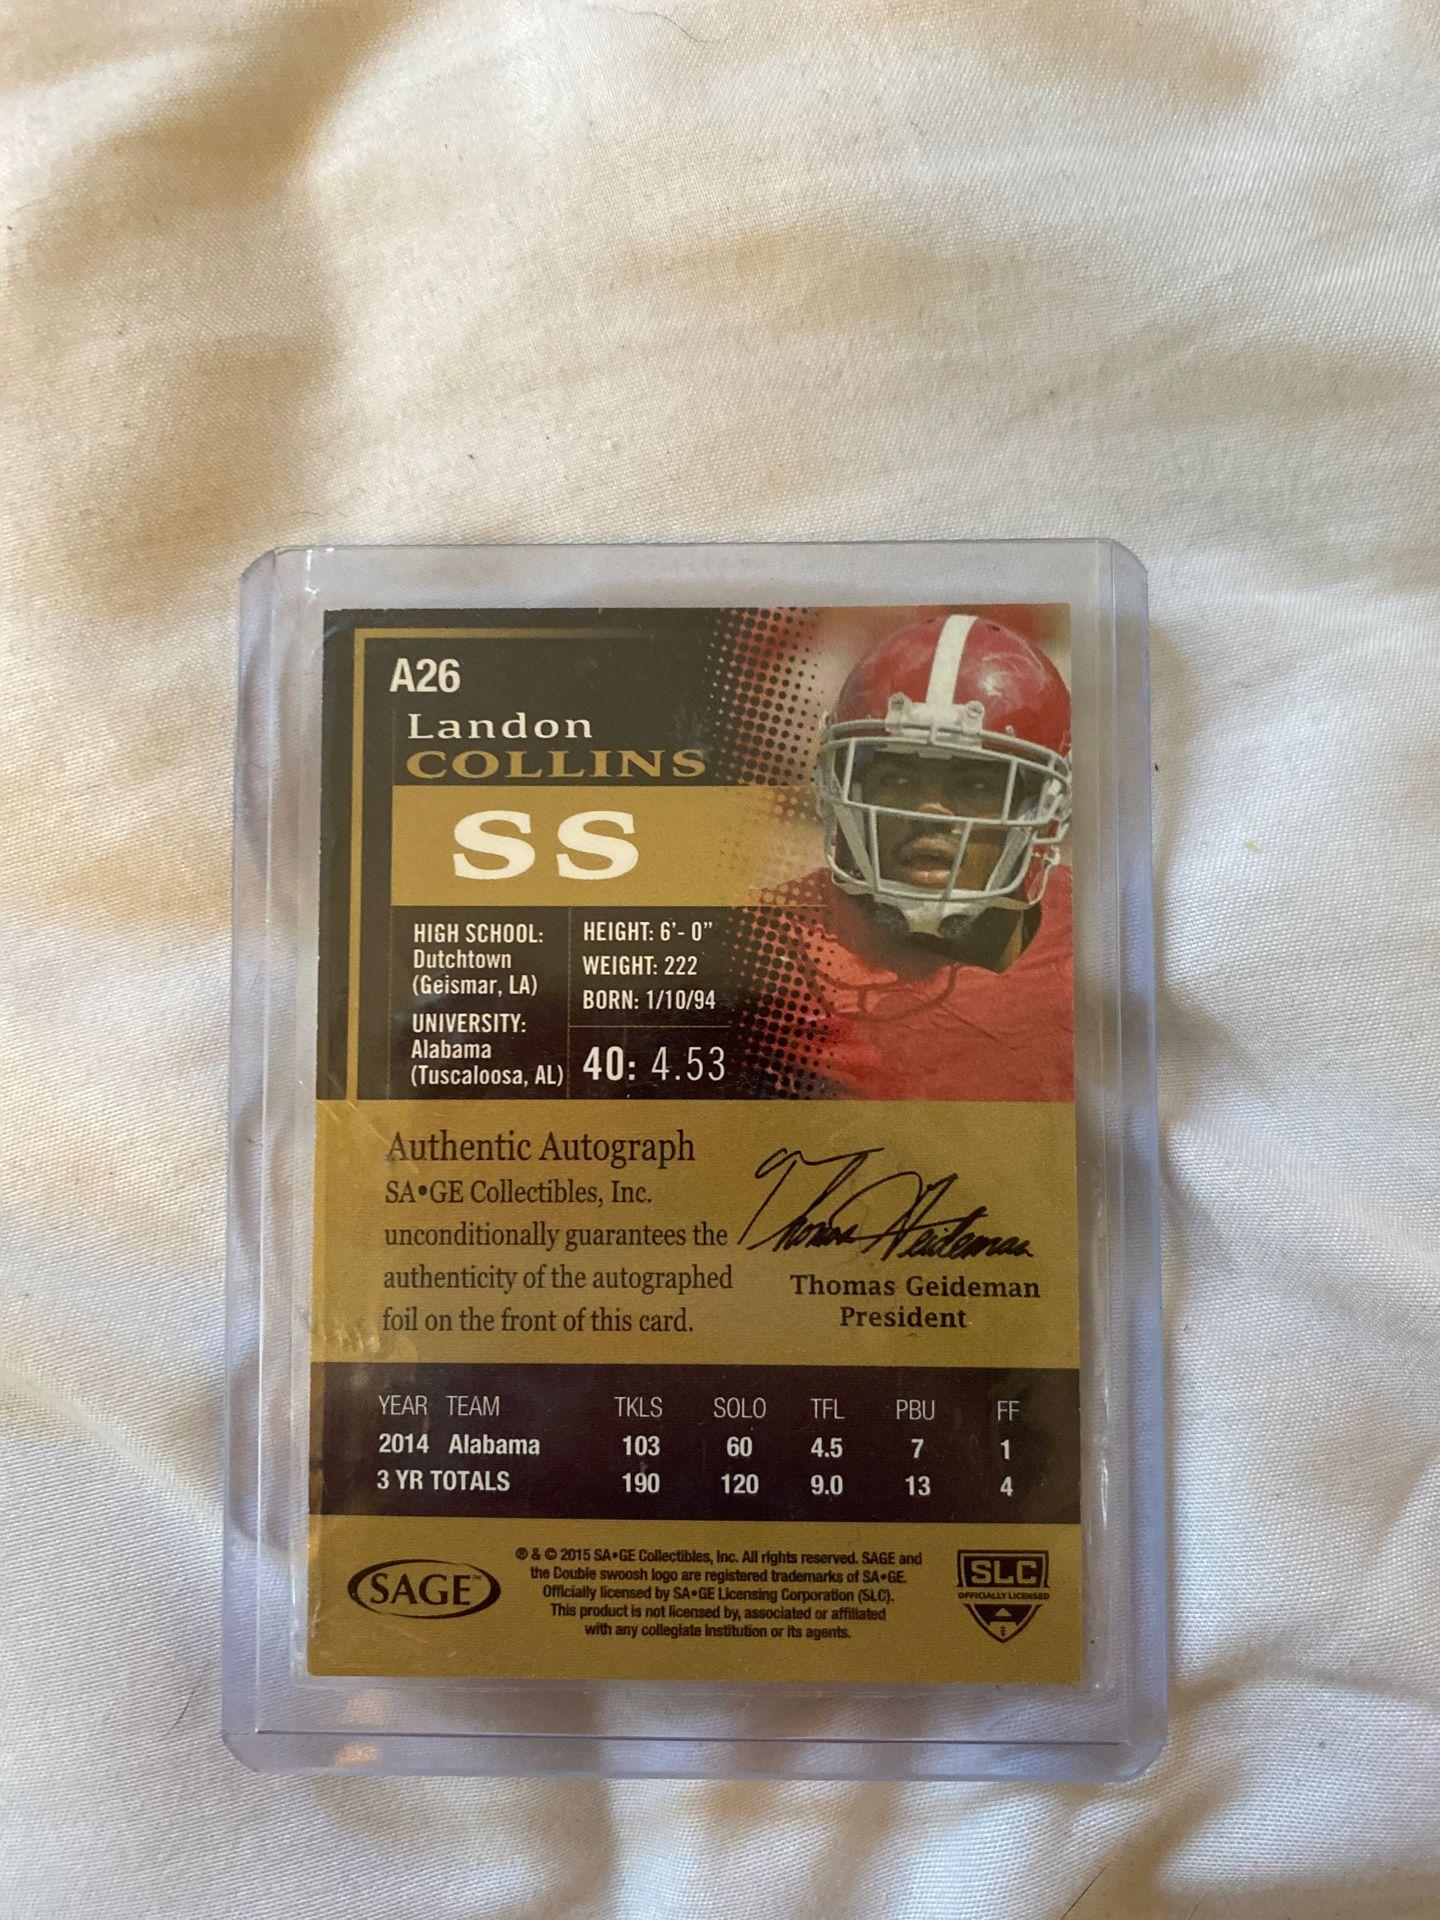 Landon collins autographed card 150/250